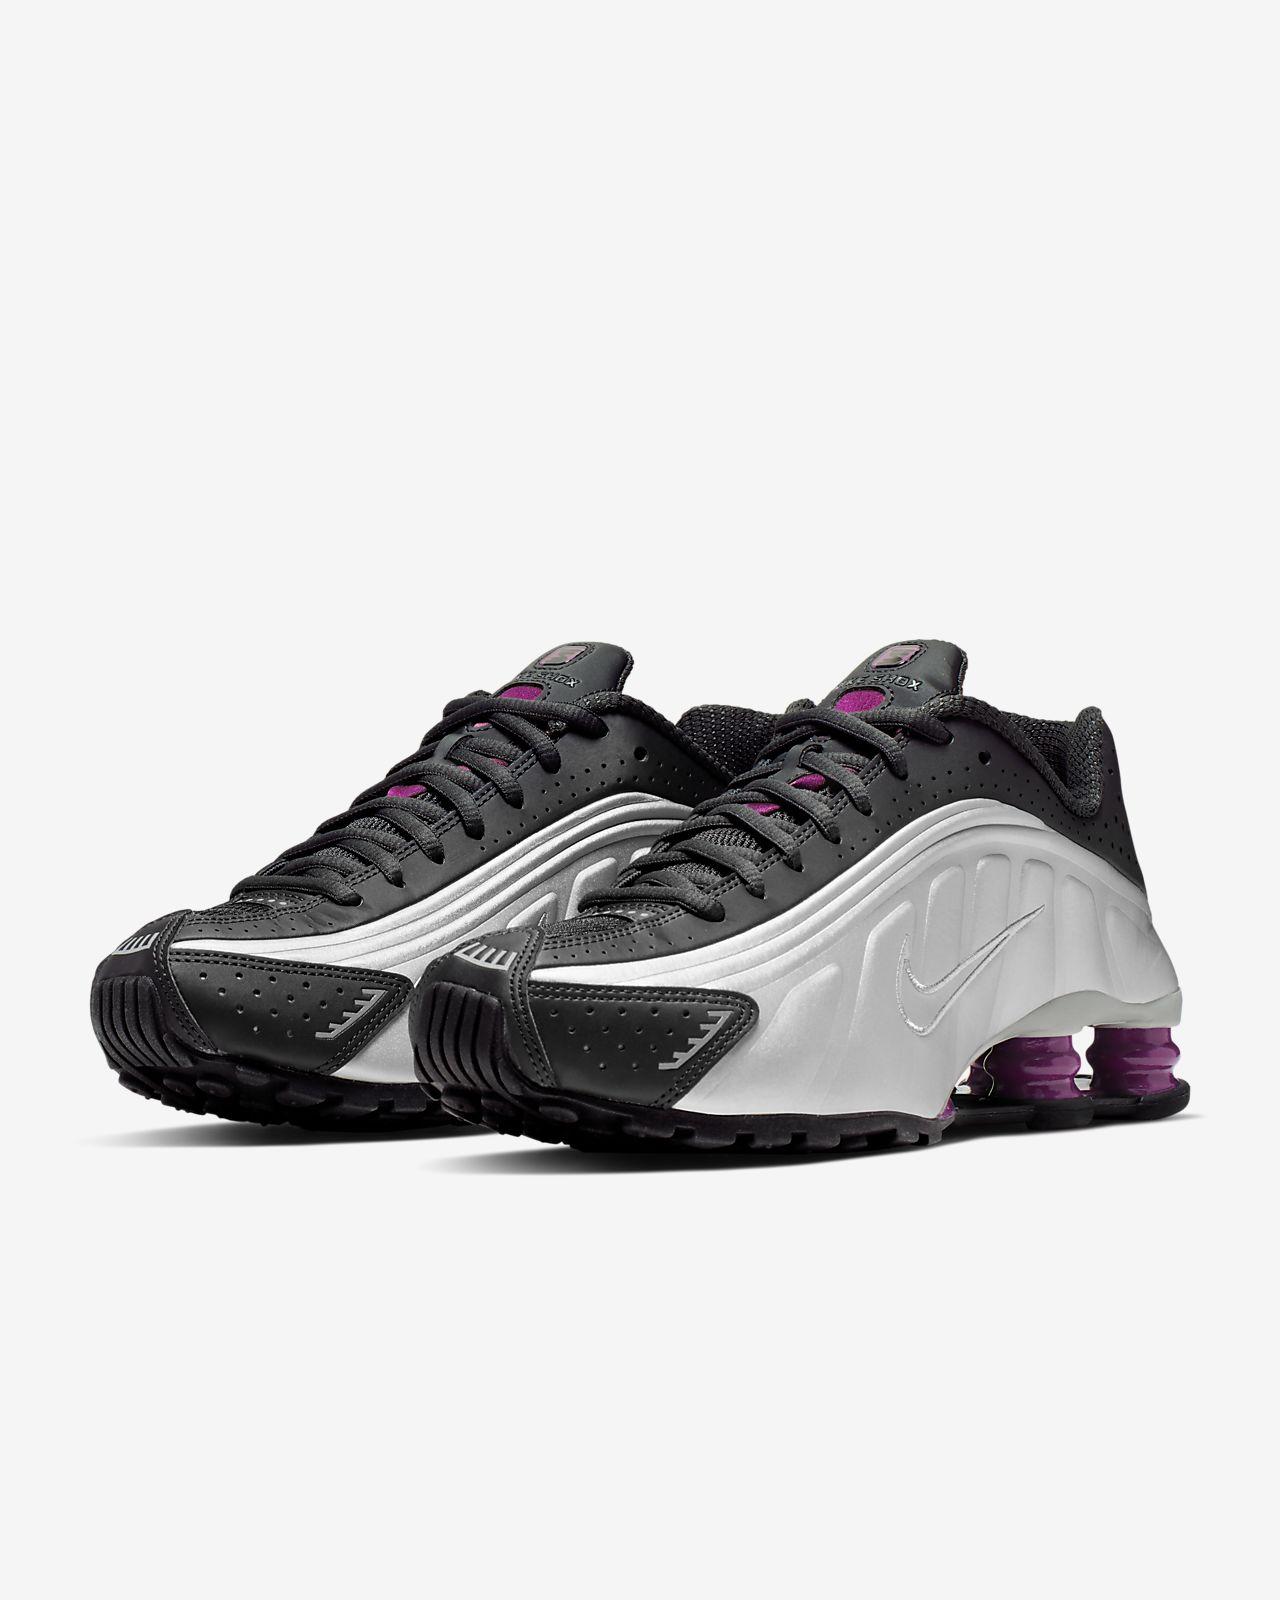 size 40 fa64b 60c92 ... Nike Shox R4 Women s Shoe